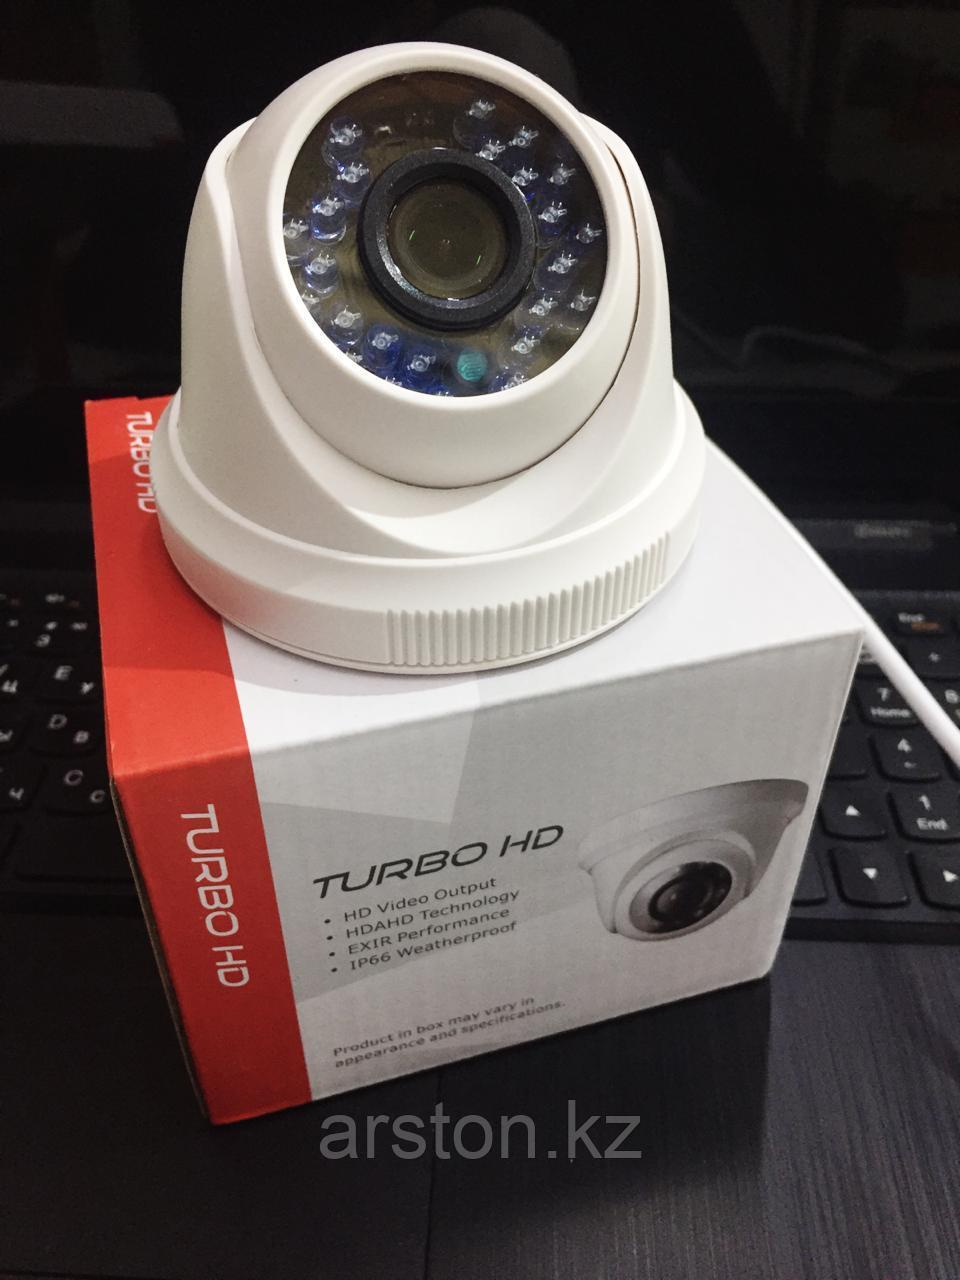 Камера купольная TURBO HD 3.6 mm